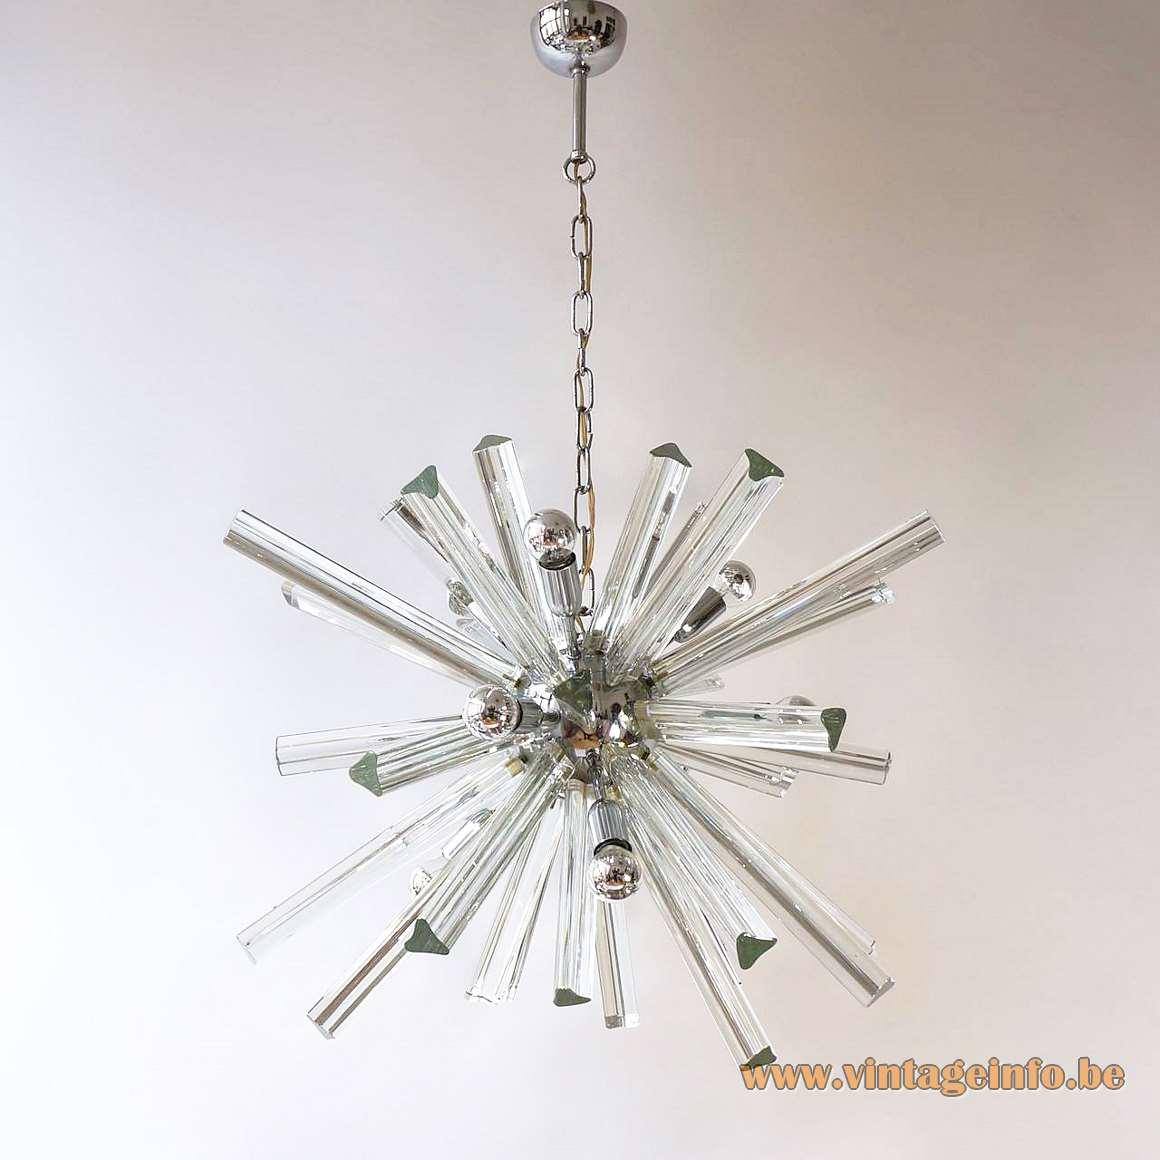 Trihedral crystal glass sputnik chandelier Trierdi glass rods chrome 1960s 1970s MCM Italy